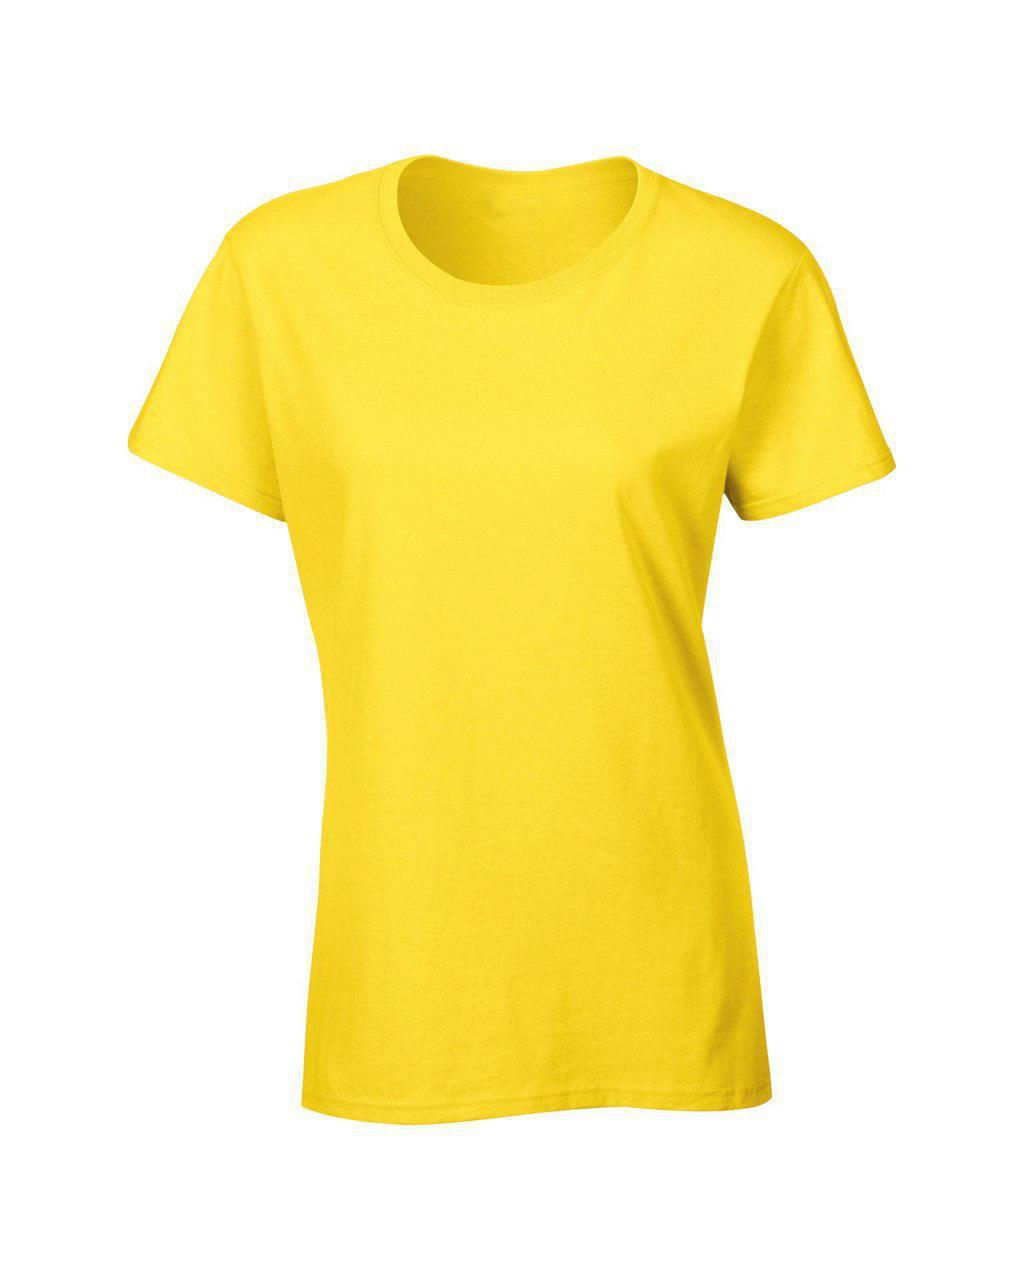 Женская футболка под сублимацию M цвет желтый